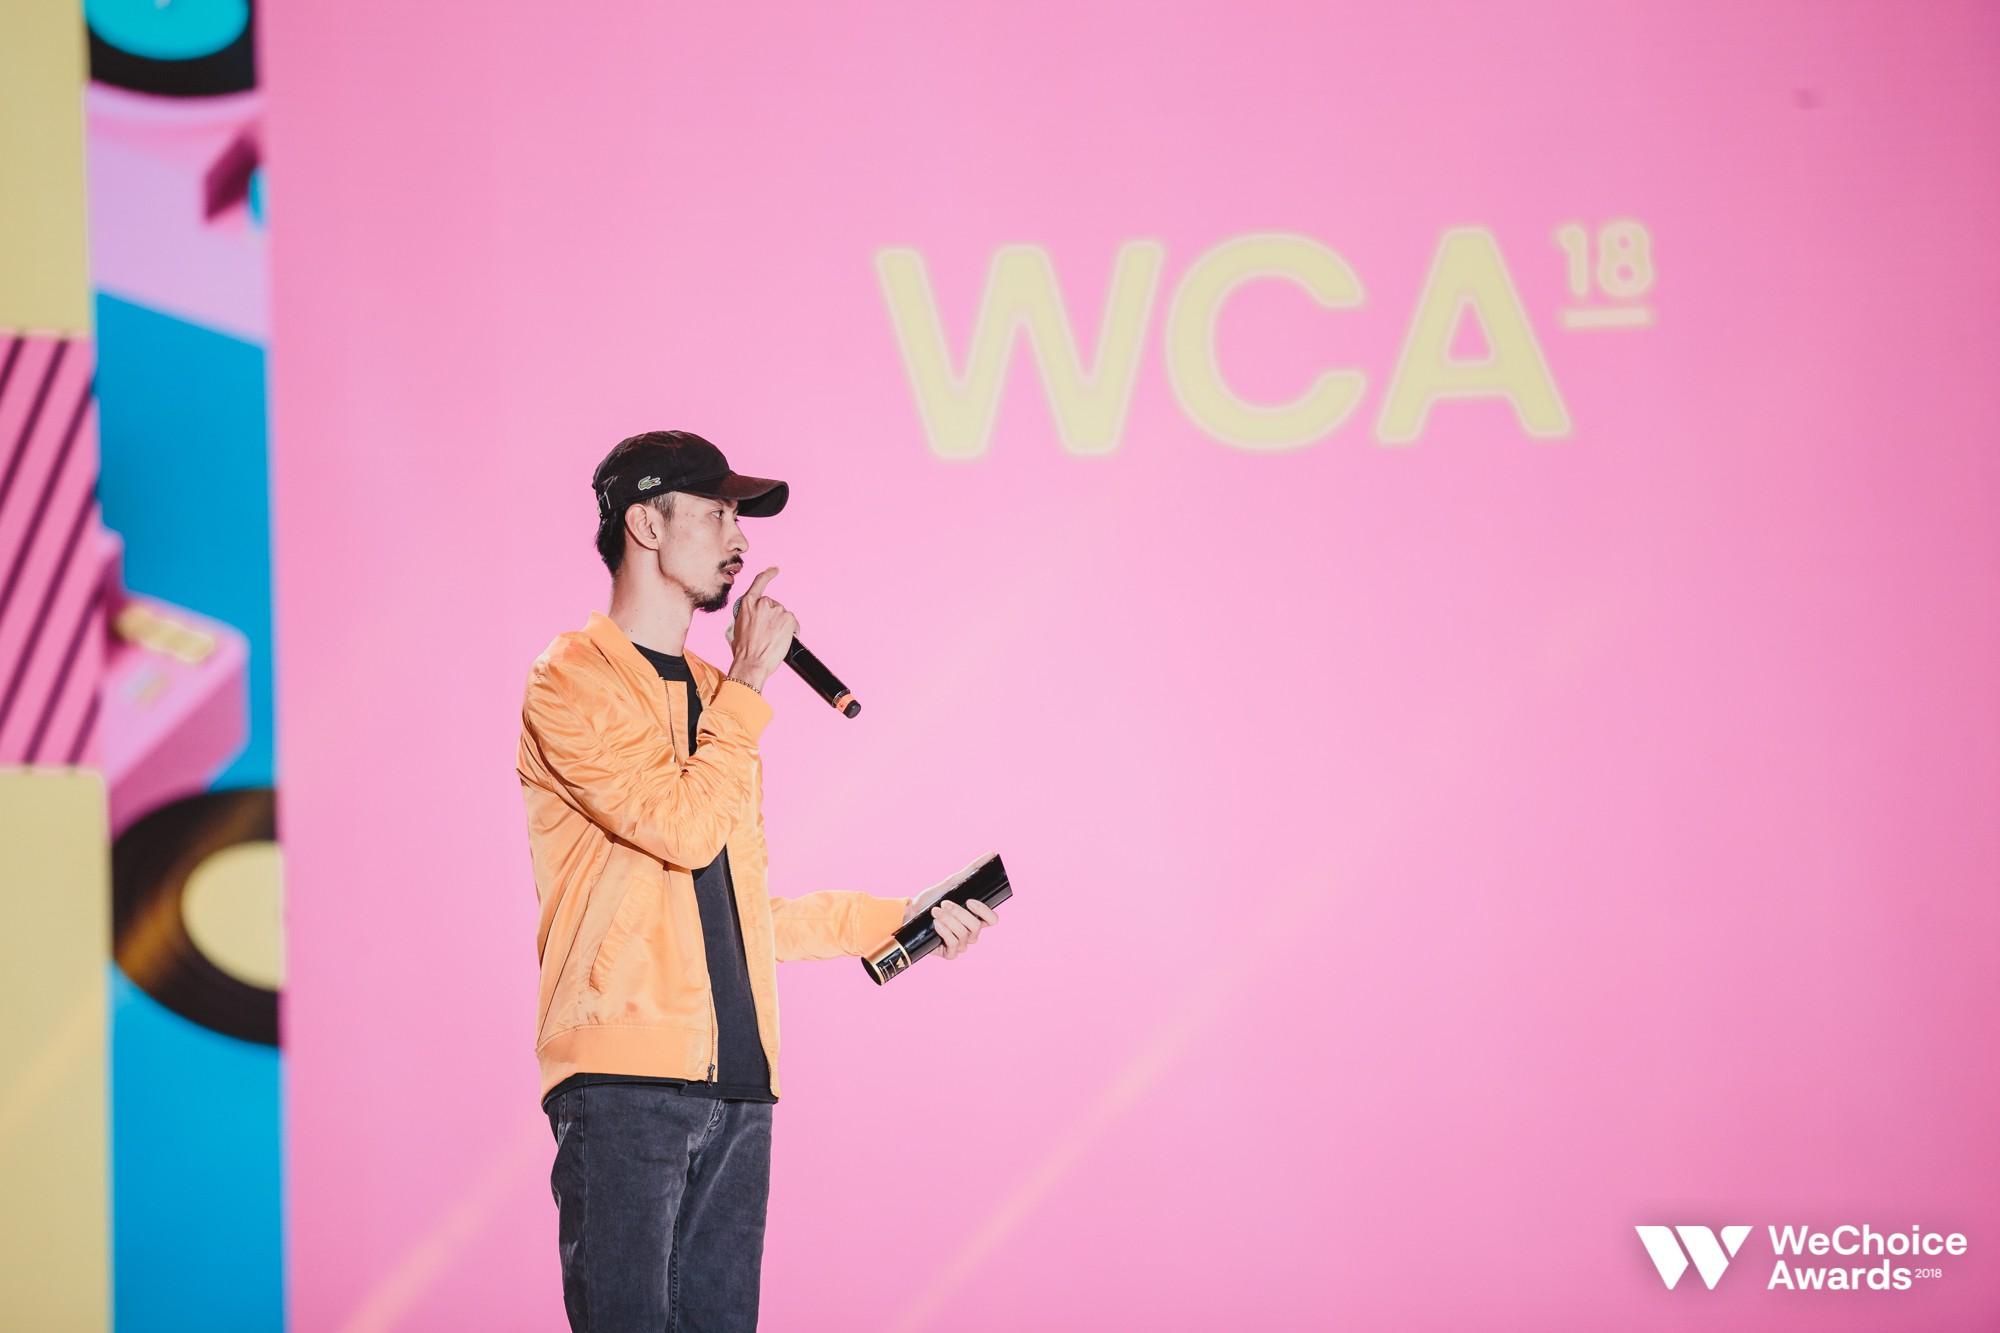 Đen thắng lớn tại WeChoice Awards 2018, phát biểu gây xúc động: Cuối cùng hàng xóm cũng biết tôi đang làm gì - Ảnh 2.